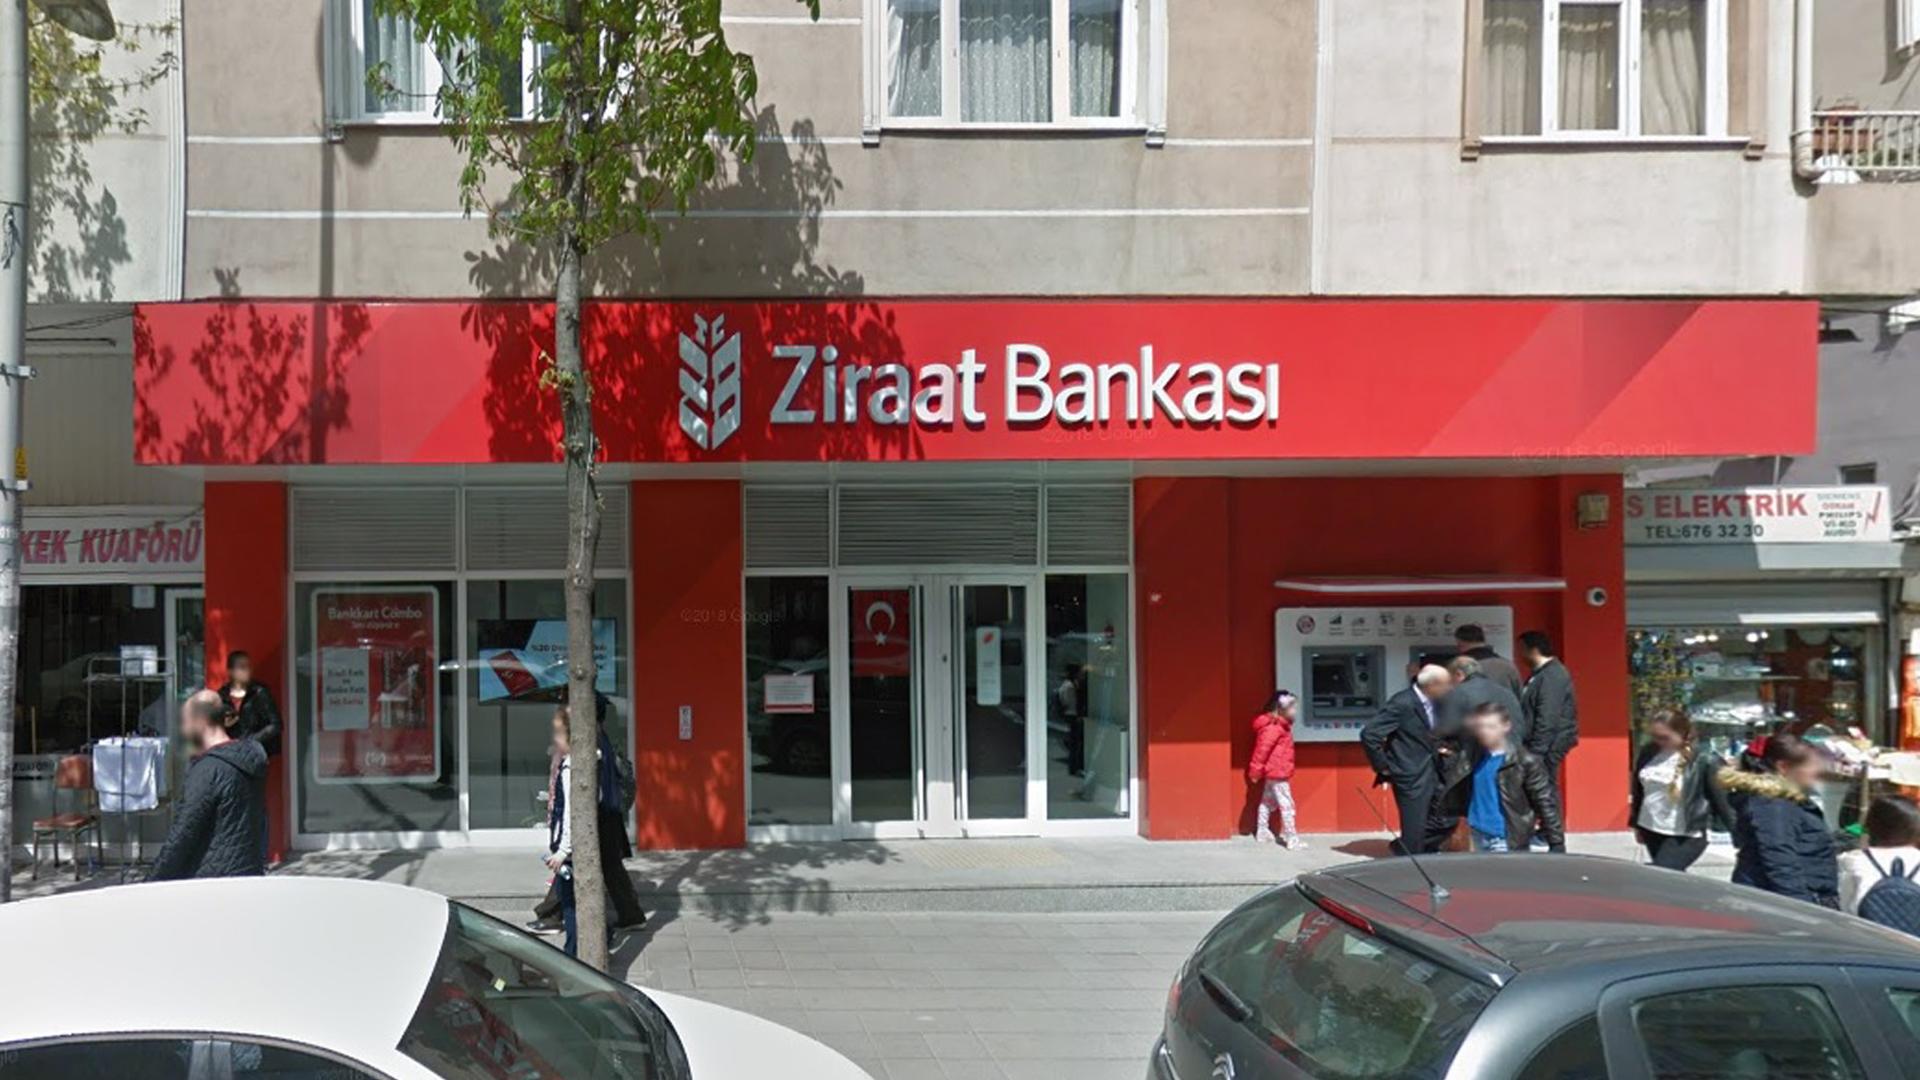 ZİRAAT BANKASI AVCILAR REŞİTPAŞA